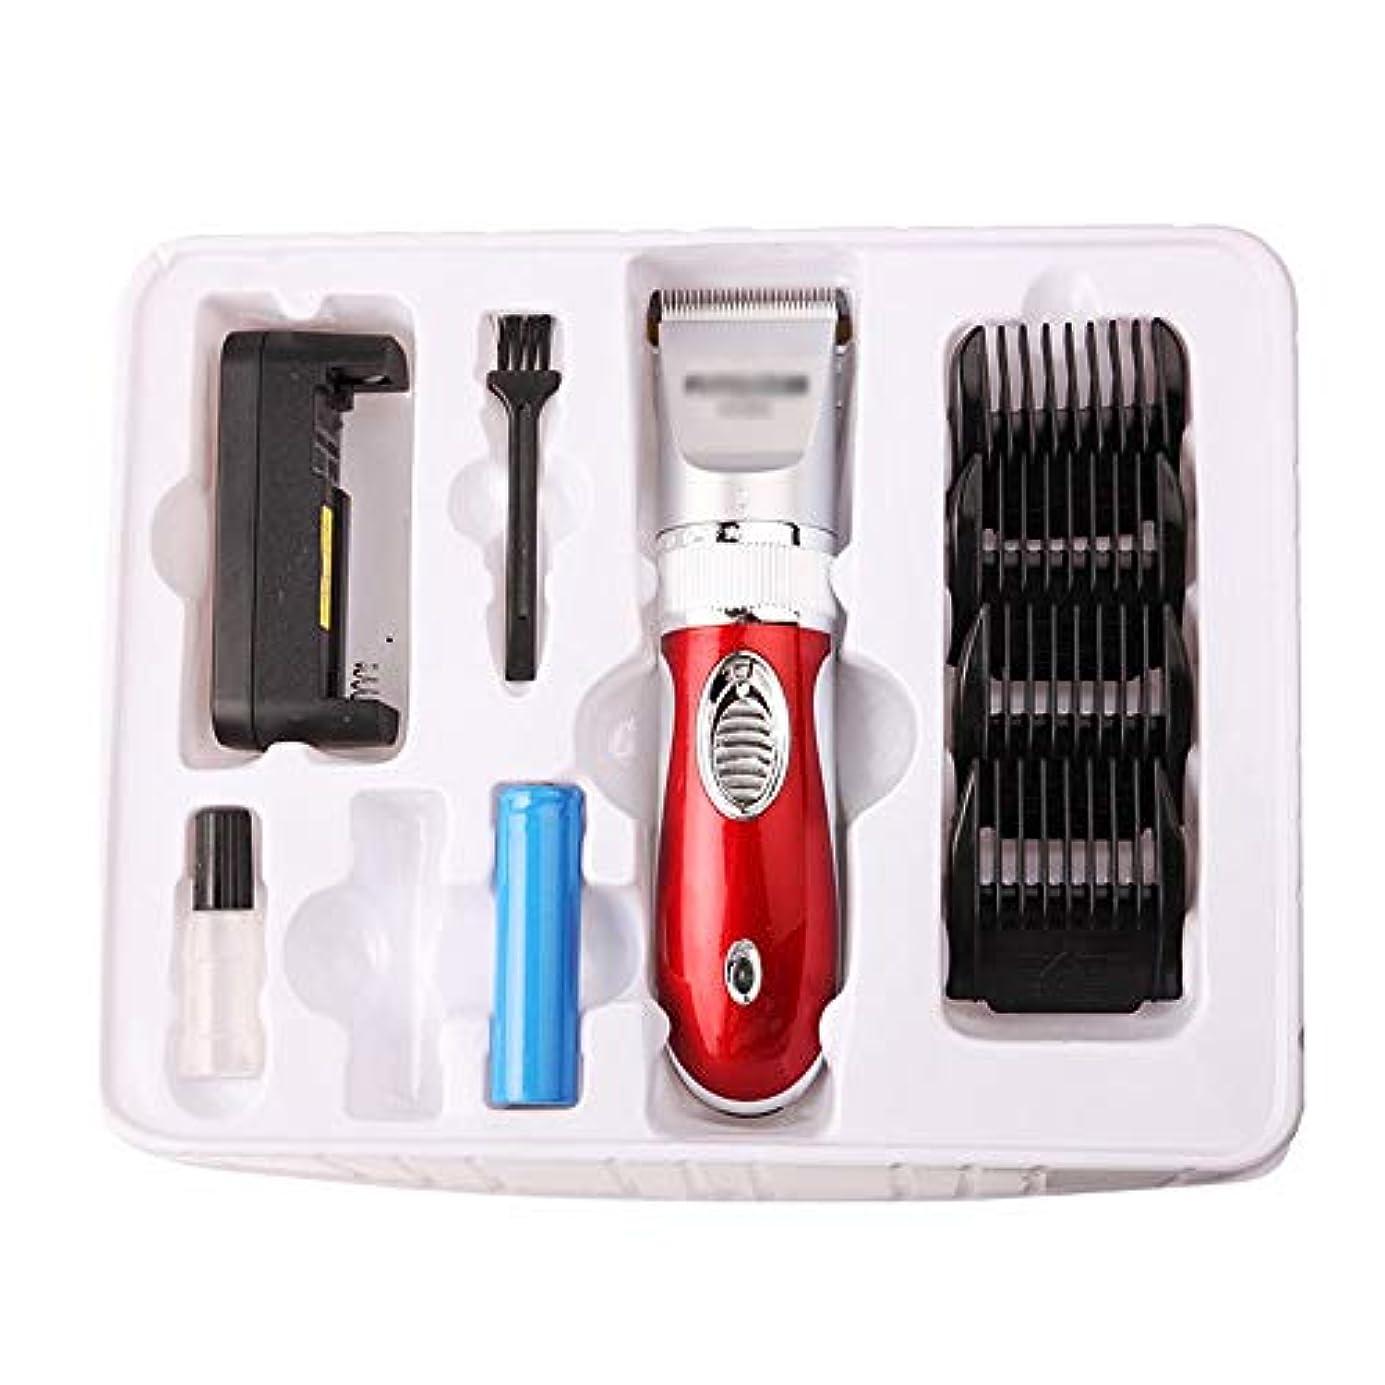 乳剤ミッション代表してWAKABAFK デュアルバッテリーユニバーサルセラミックカッターヘッド電気ヘアトリマーを充電低ノイズシェービング散髪バリカン (色 : レッド)